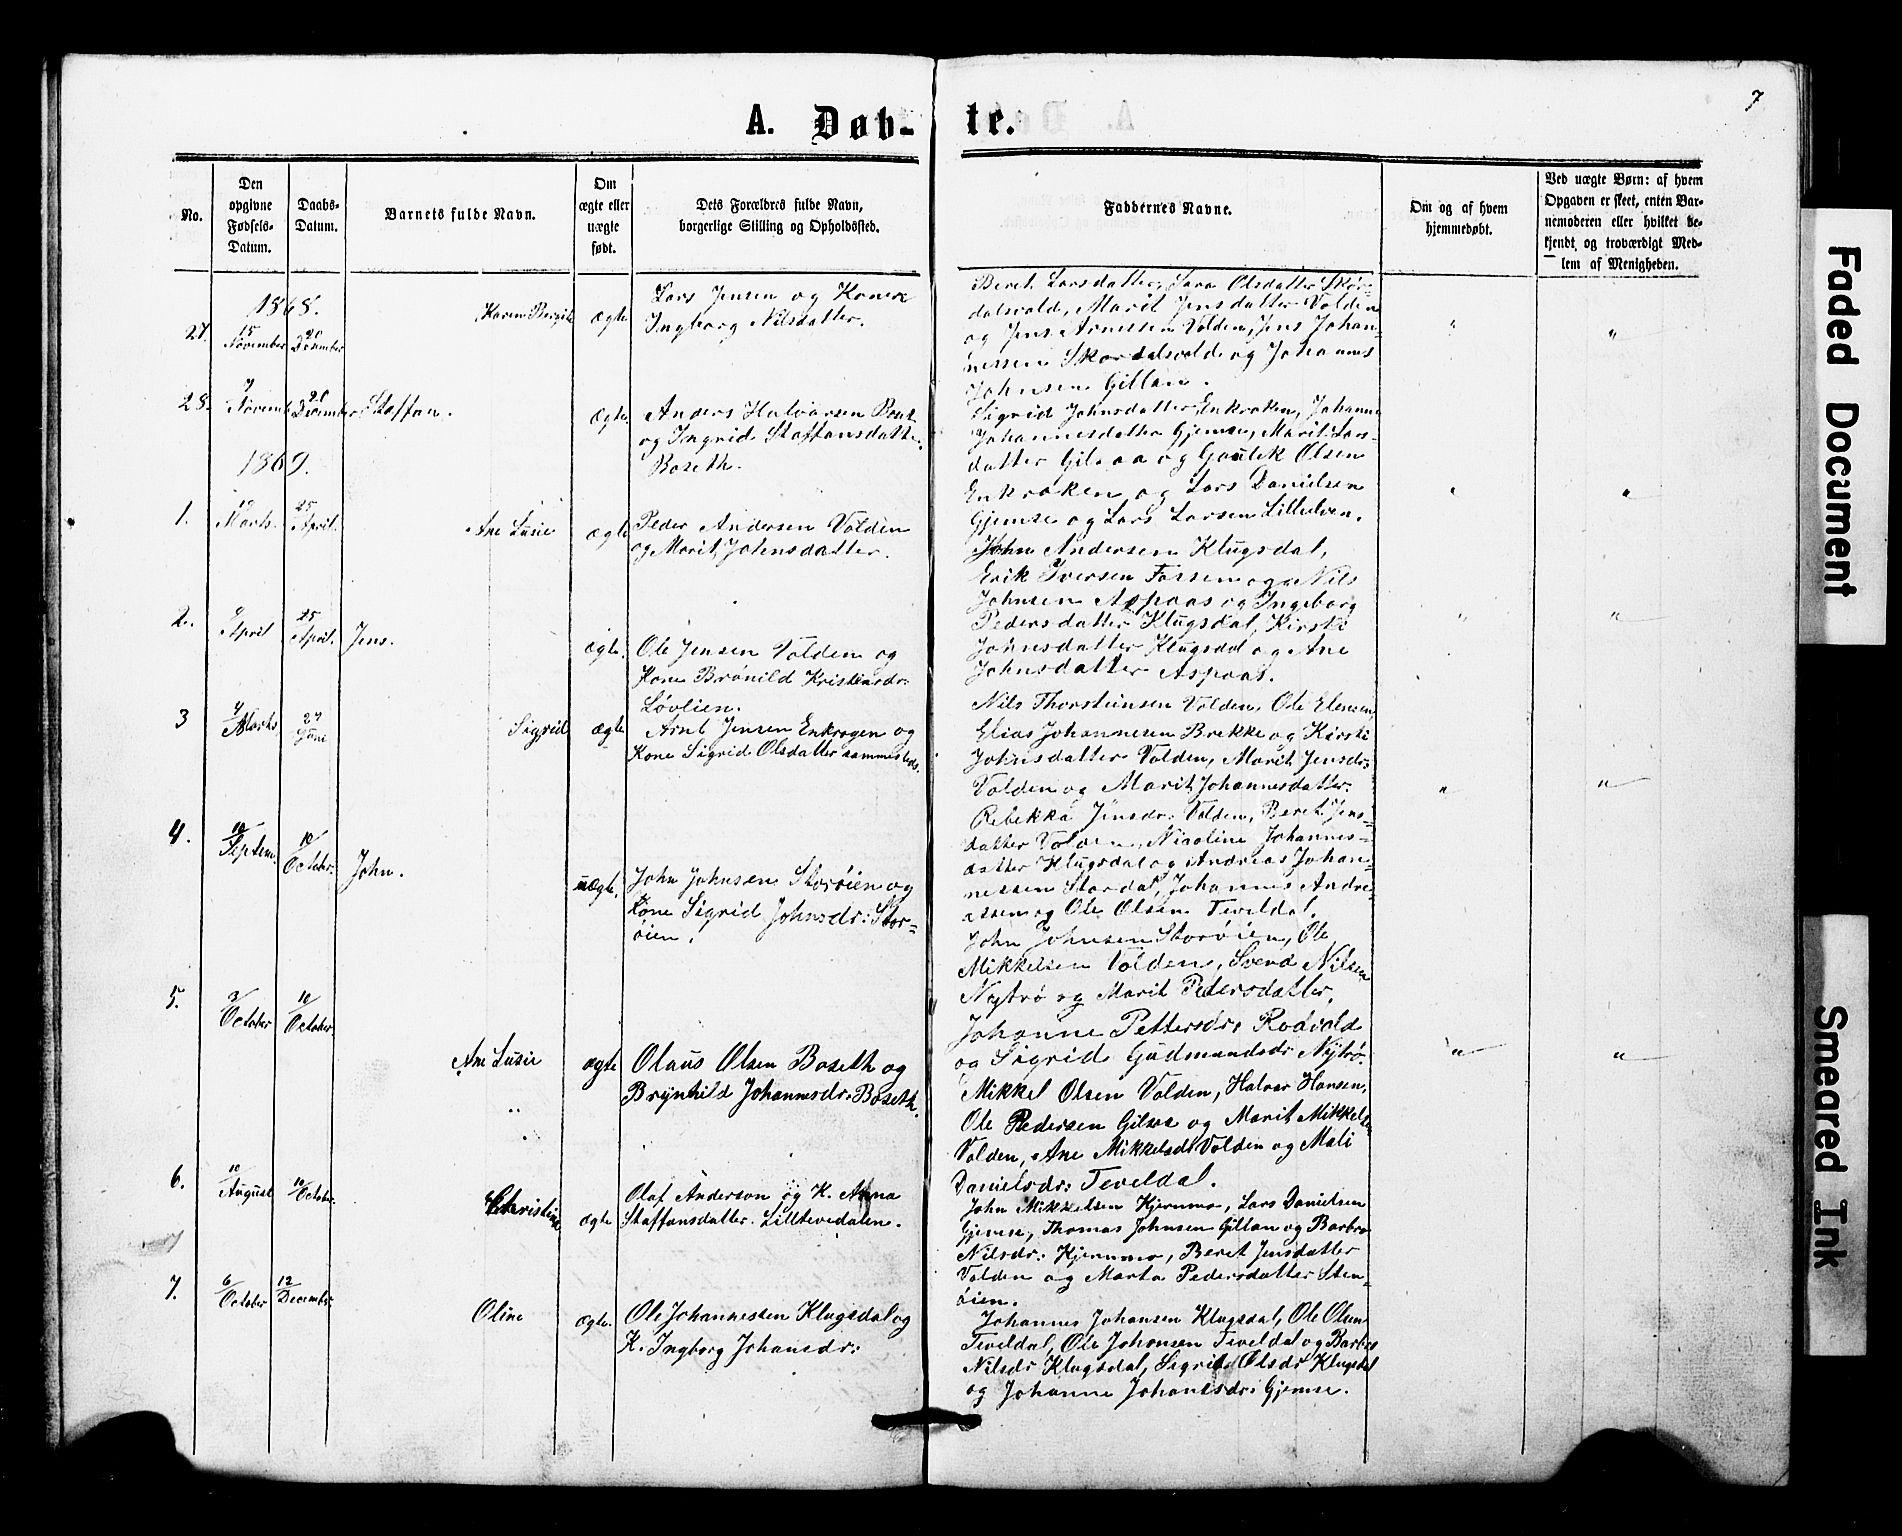 SAT, Ministerialprotokoller, klokkerbøker og fødselsregistre - Nord-Trøndelag, 707/L0052: Klokkerbok nr. 707C01, 1864-1897, s. 7